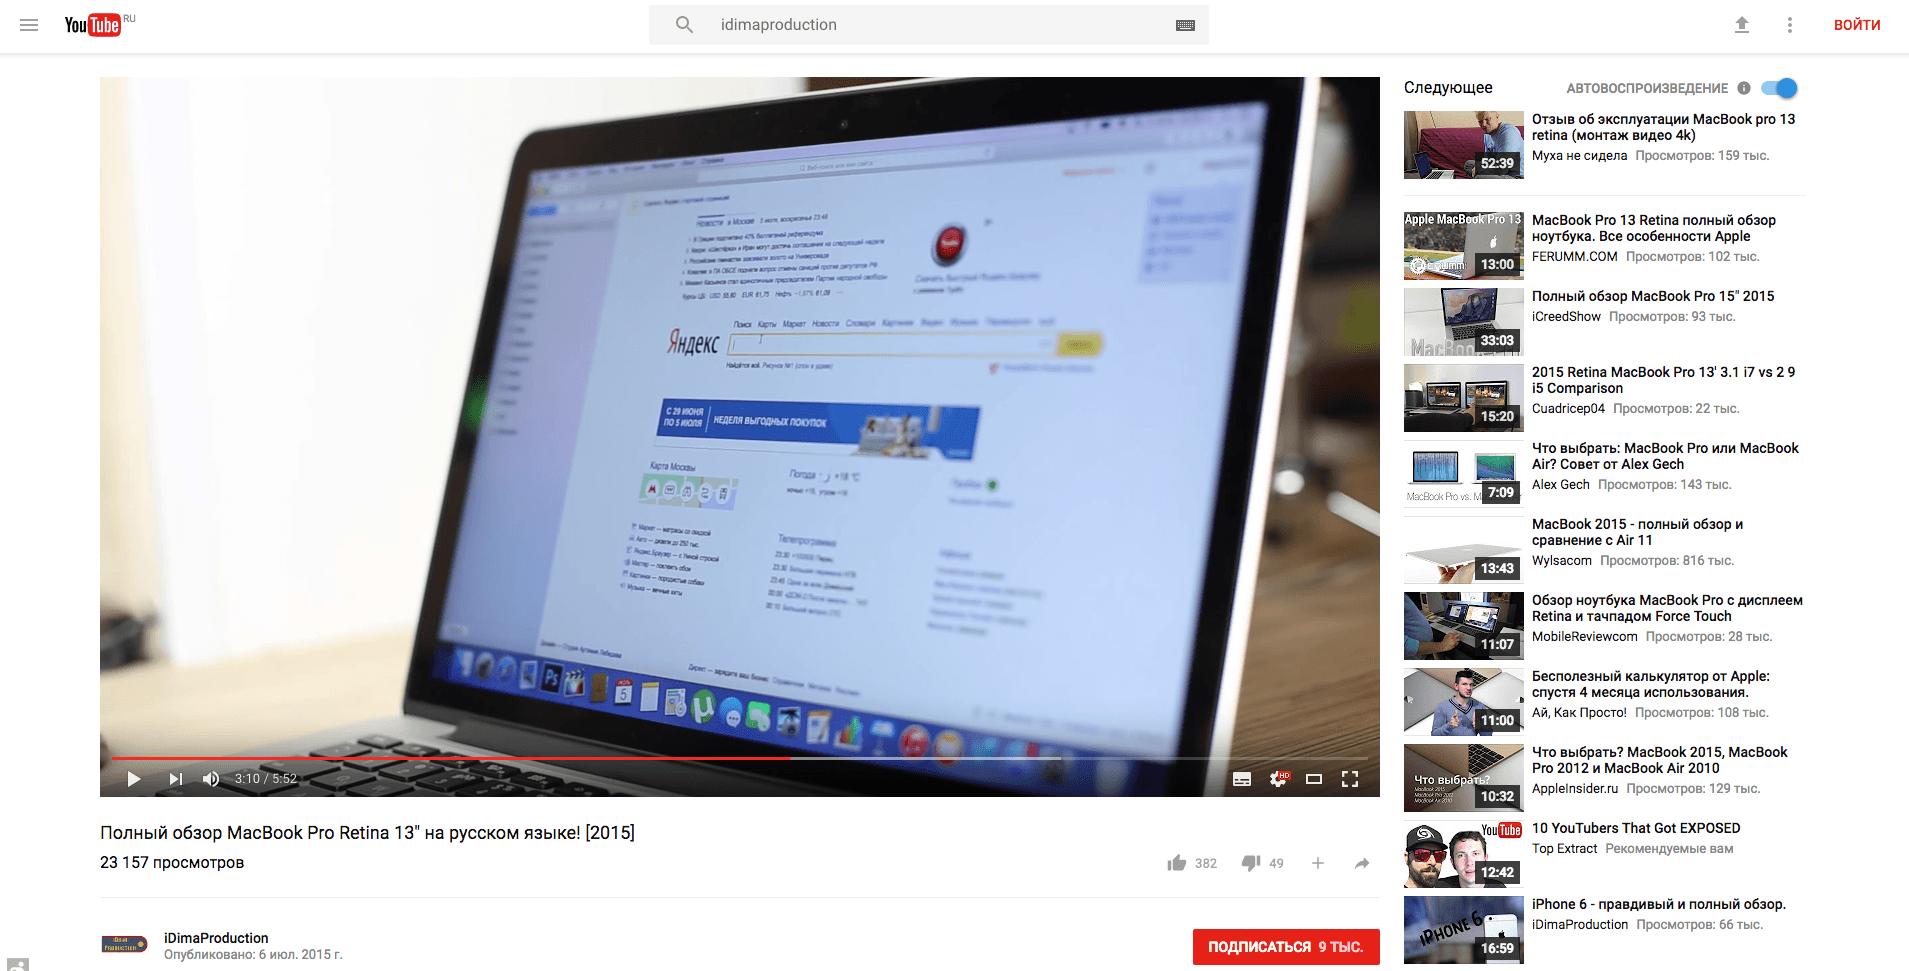 Пример страницы просмотра видео